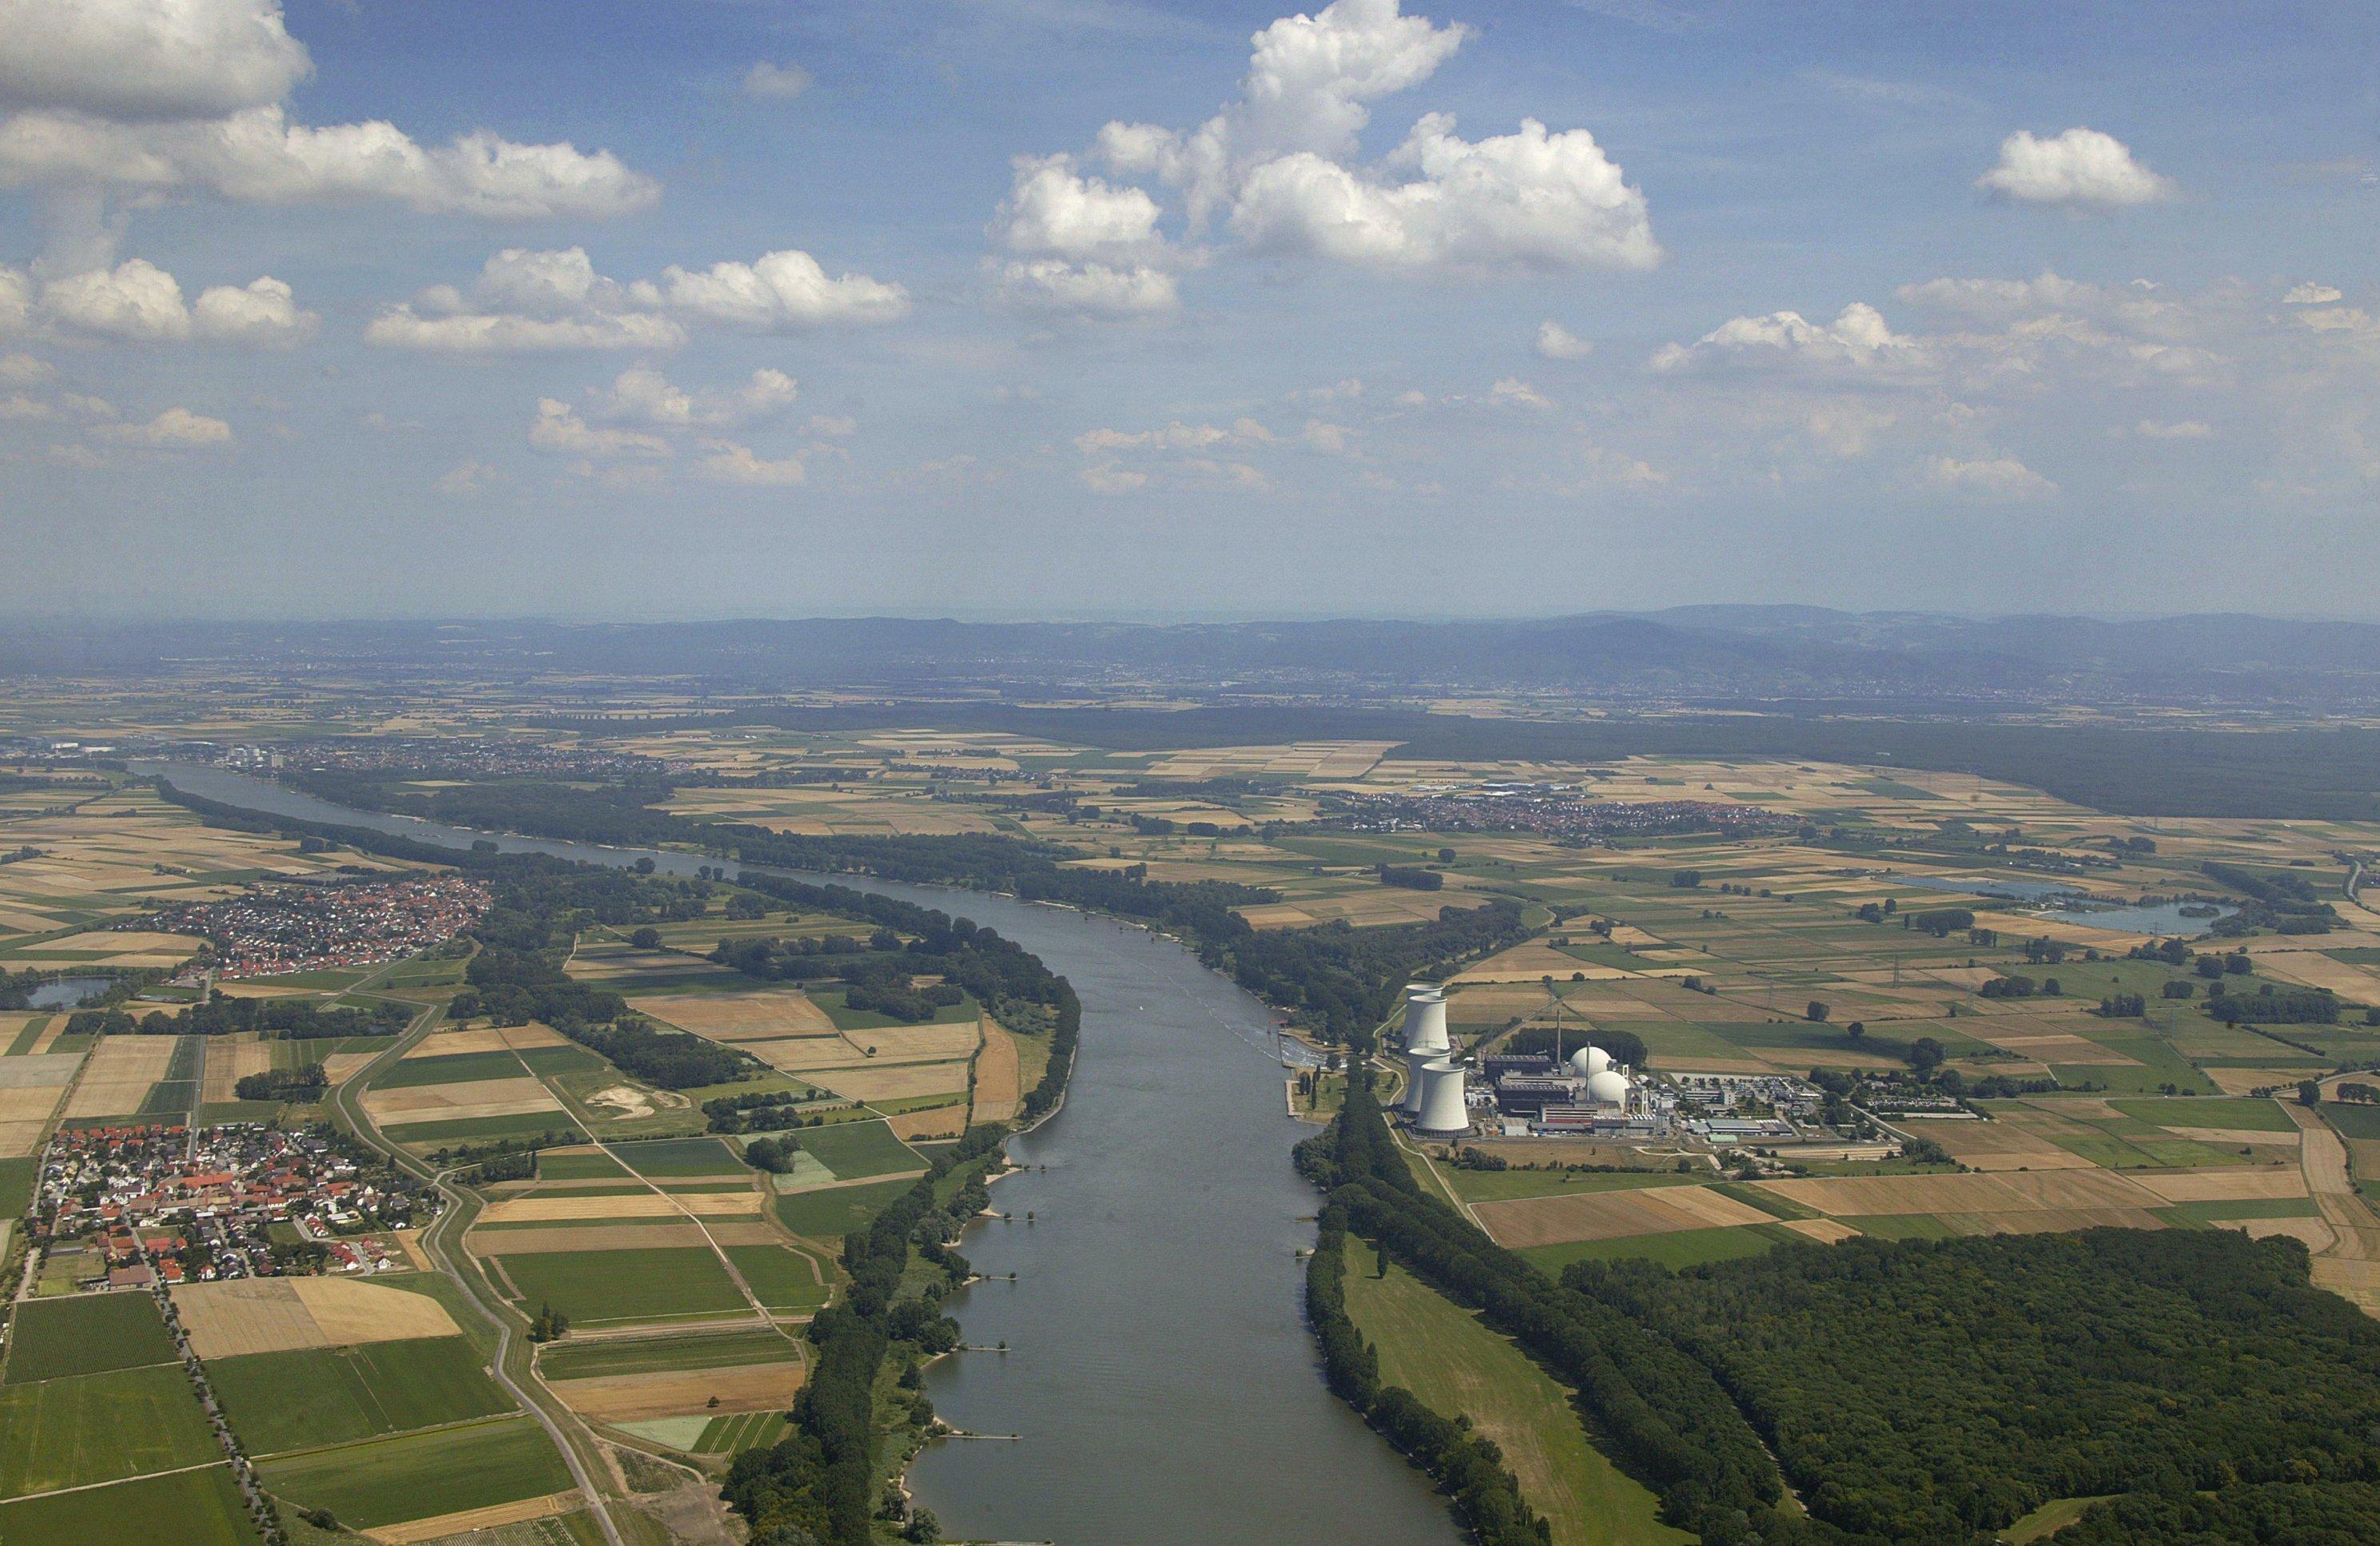 Luftaufnahme: Fluss Rhein fließt im weiten Bogen durch Landschaft mit gelben und grünen Feldern, am rechten Ufer Atomkraftwerk Biblis, am Horizont Mittelgebirge Odenwald, blauer dunstiger  Himmel mit Wolken